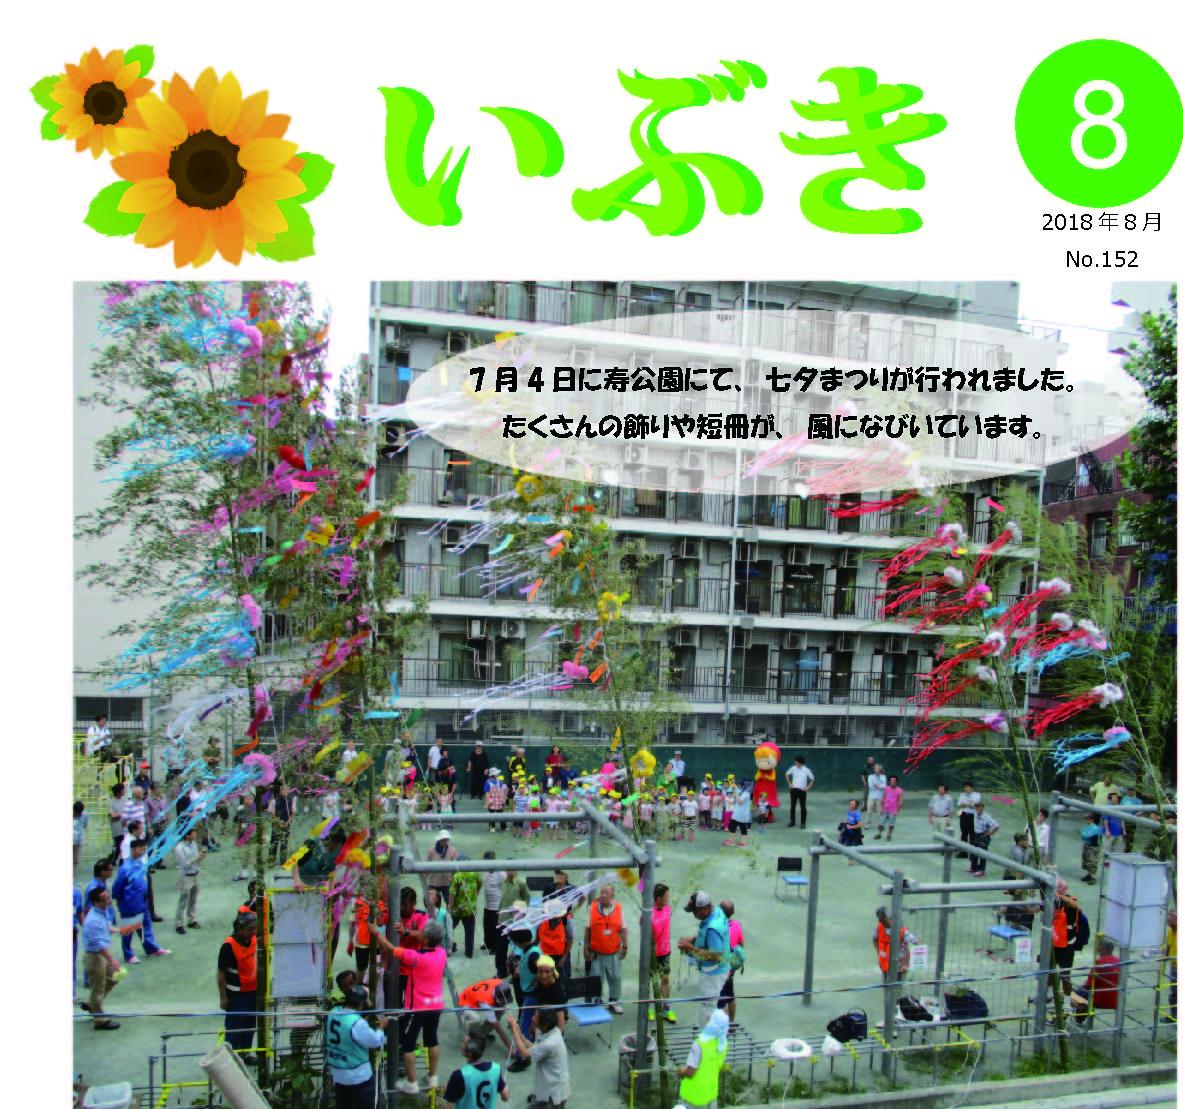 広報紙いぶき2018年8月号(No.152)